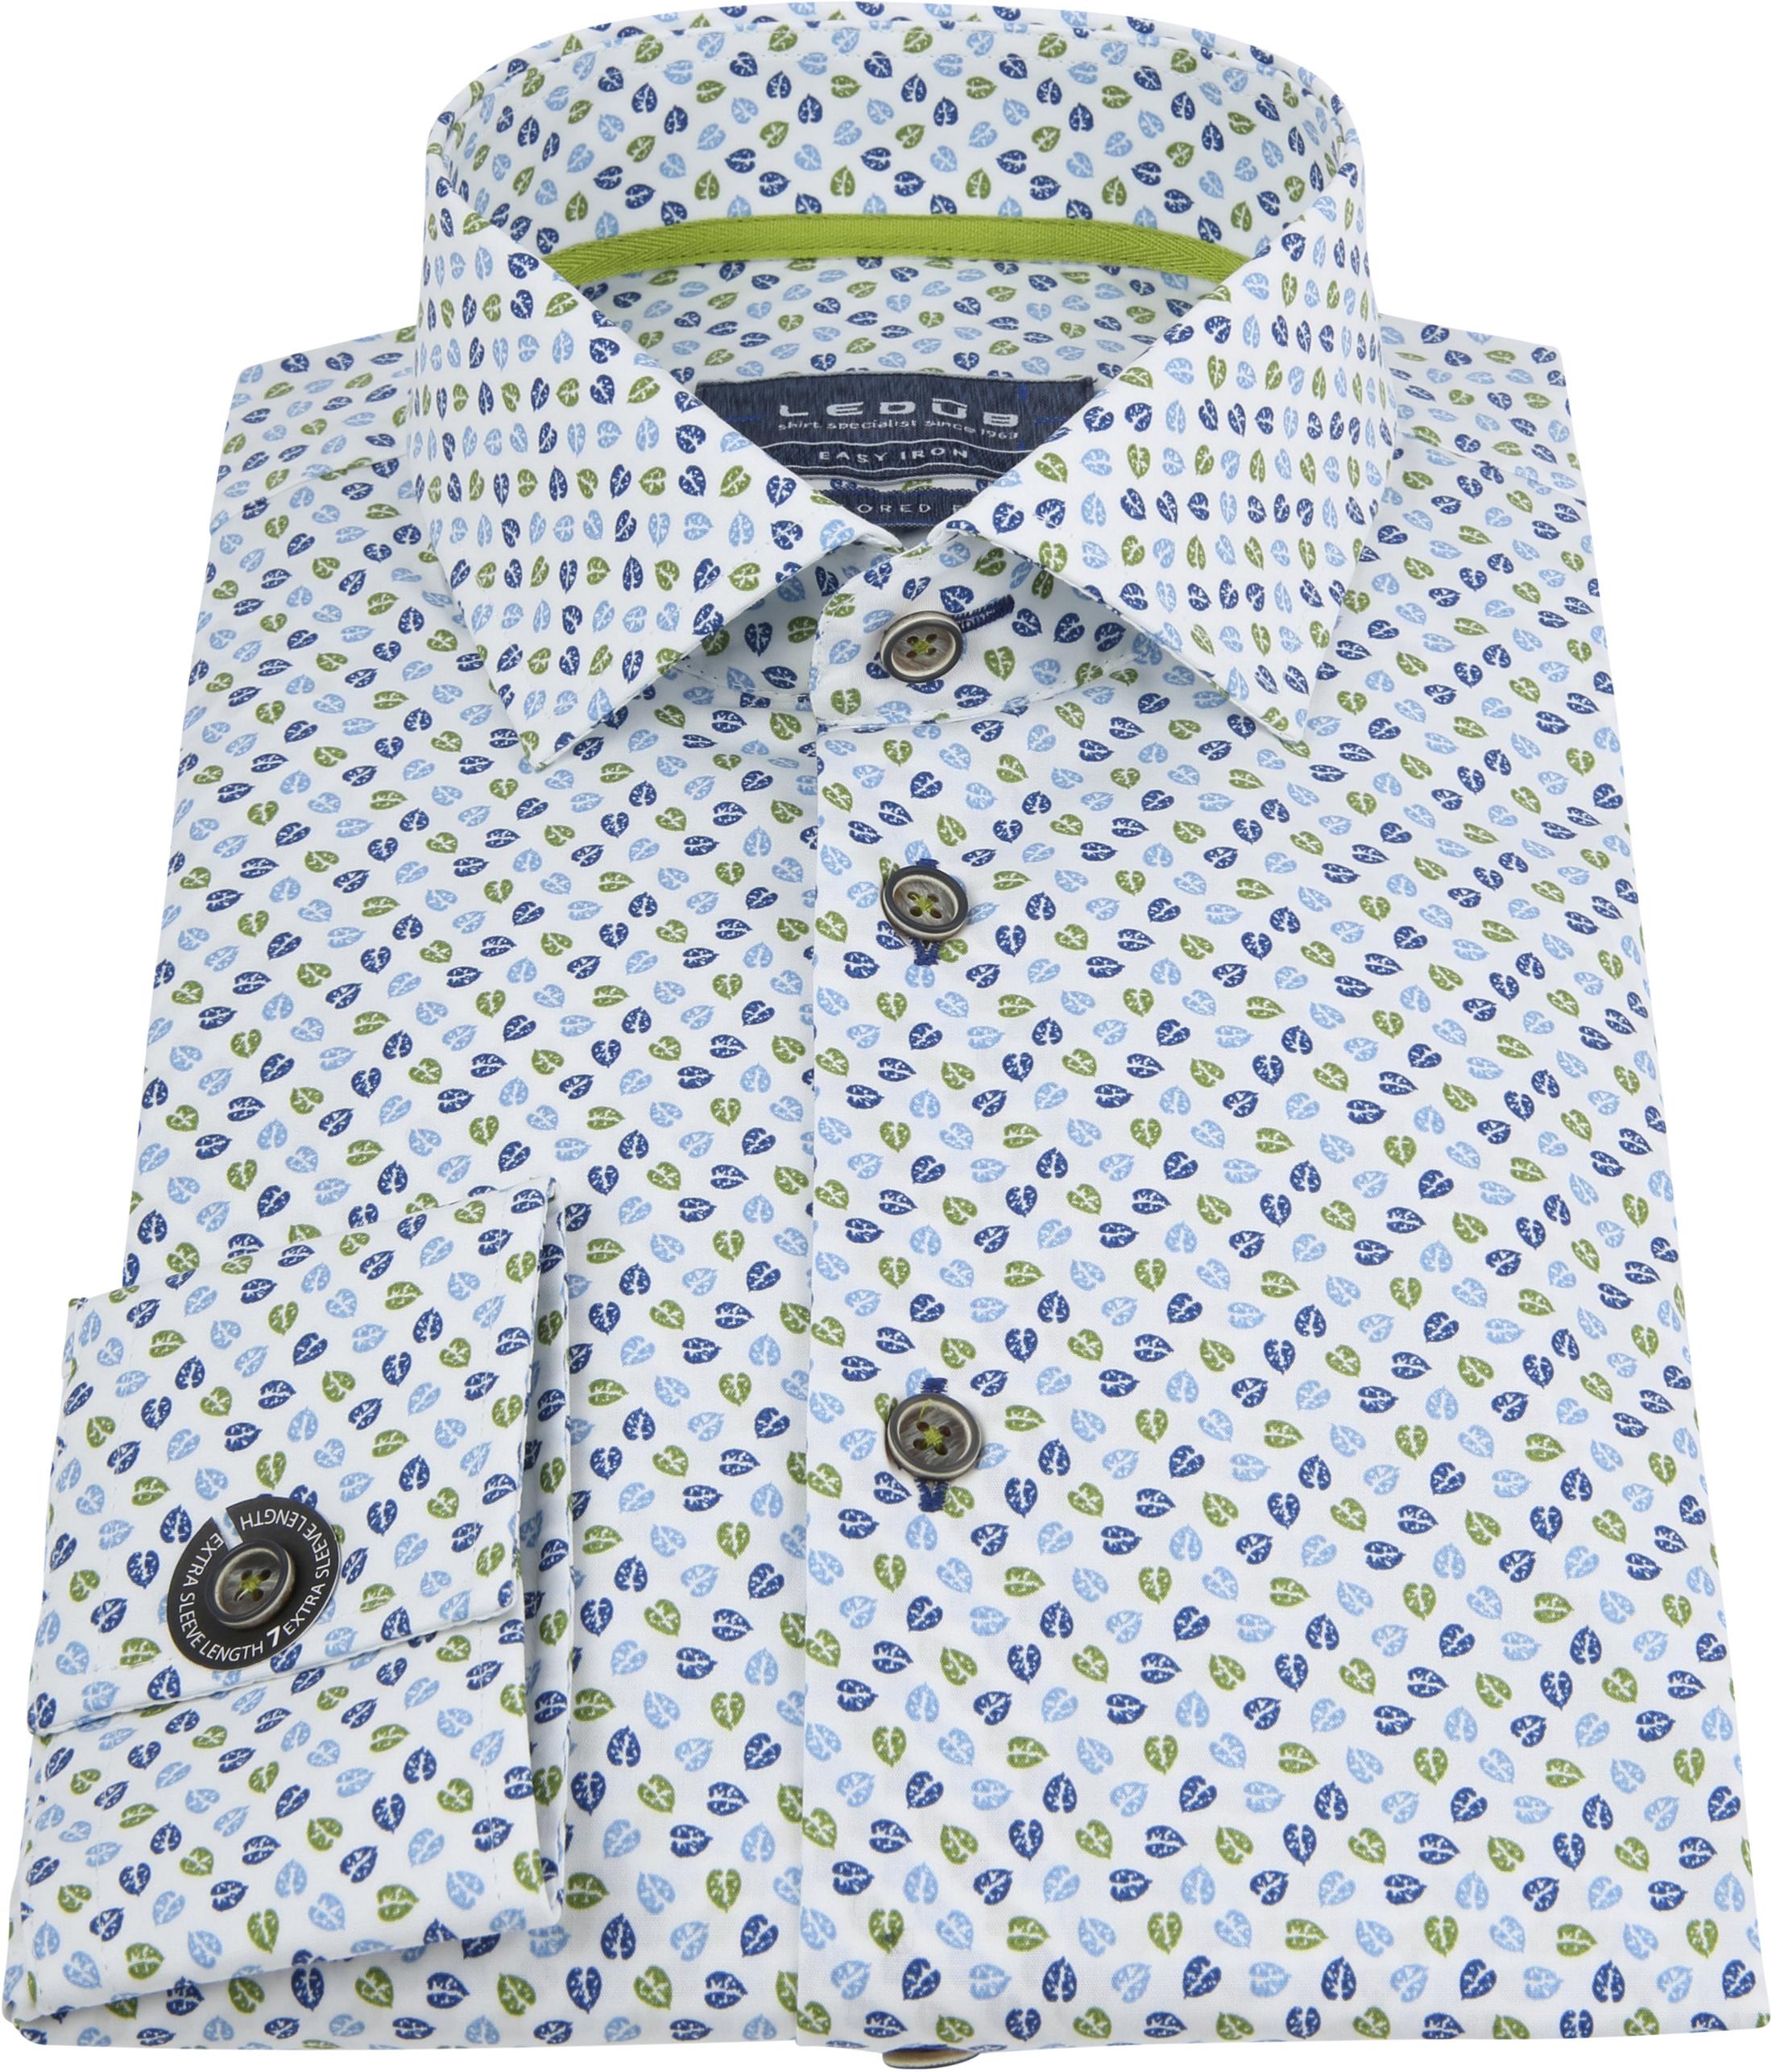 Ledub Overhemd MF Bloem foto 4